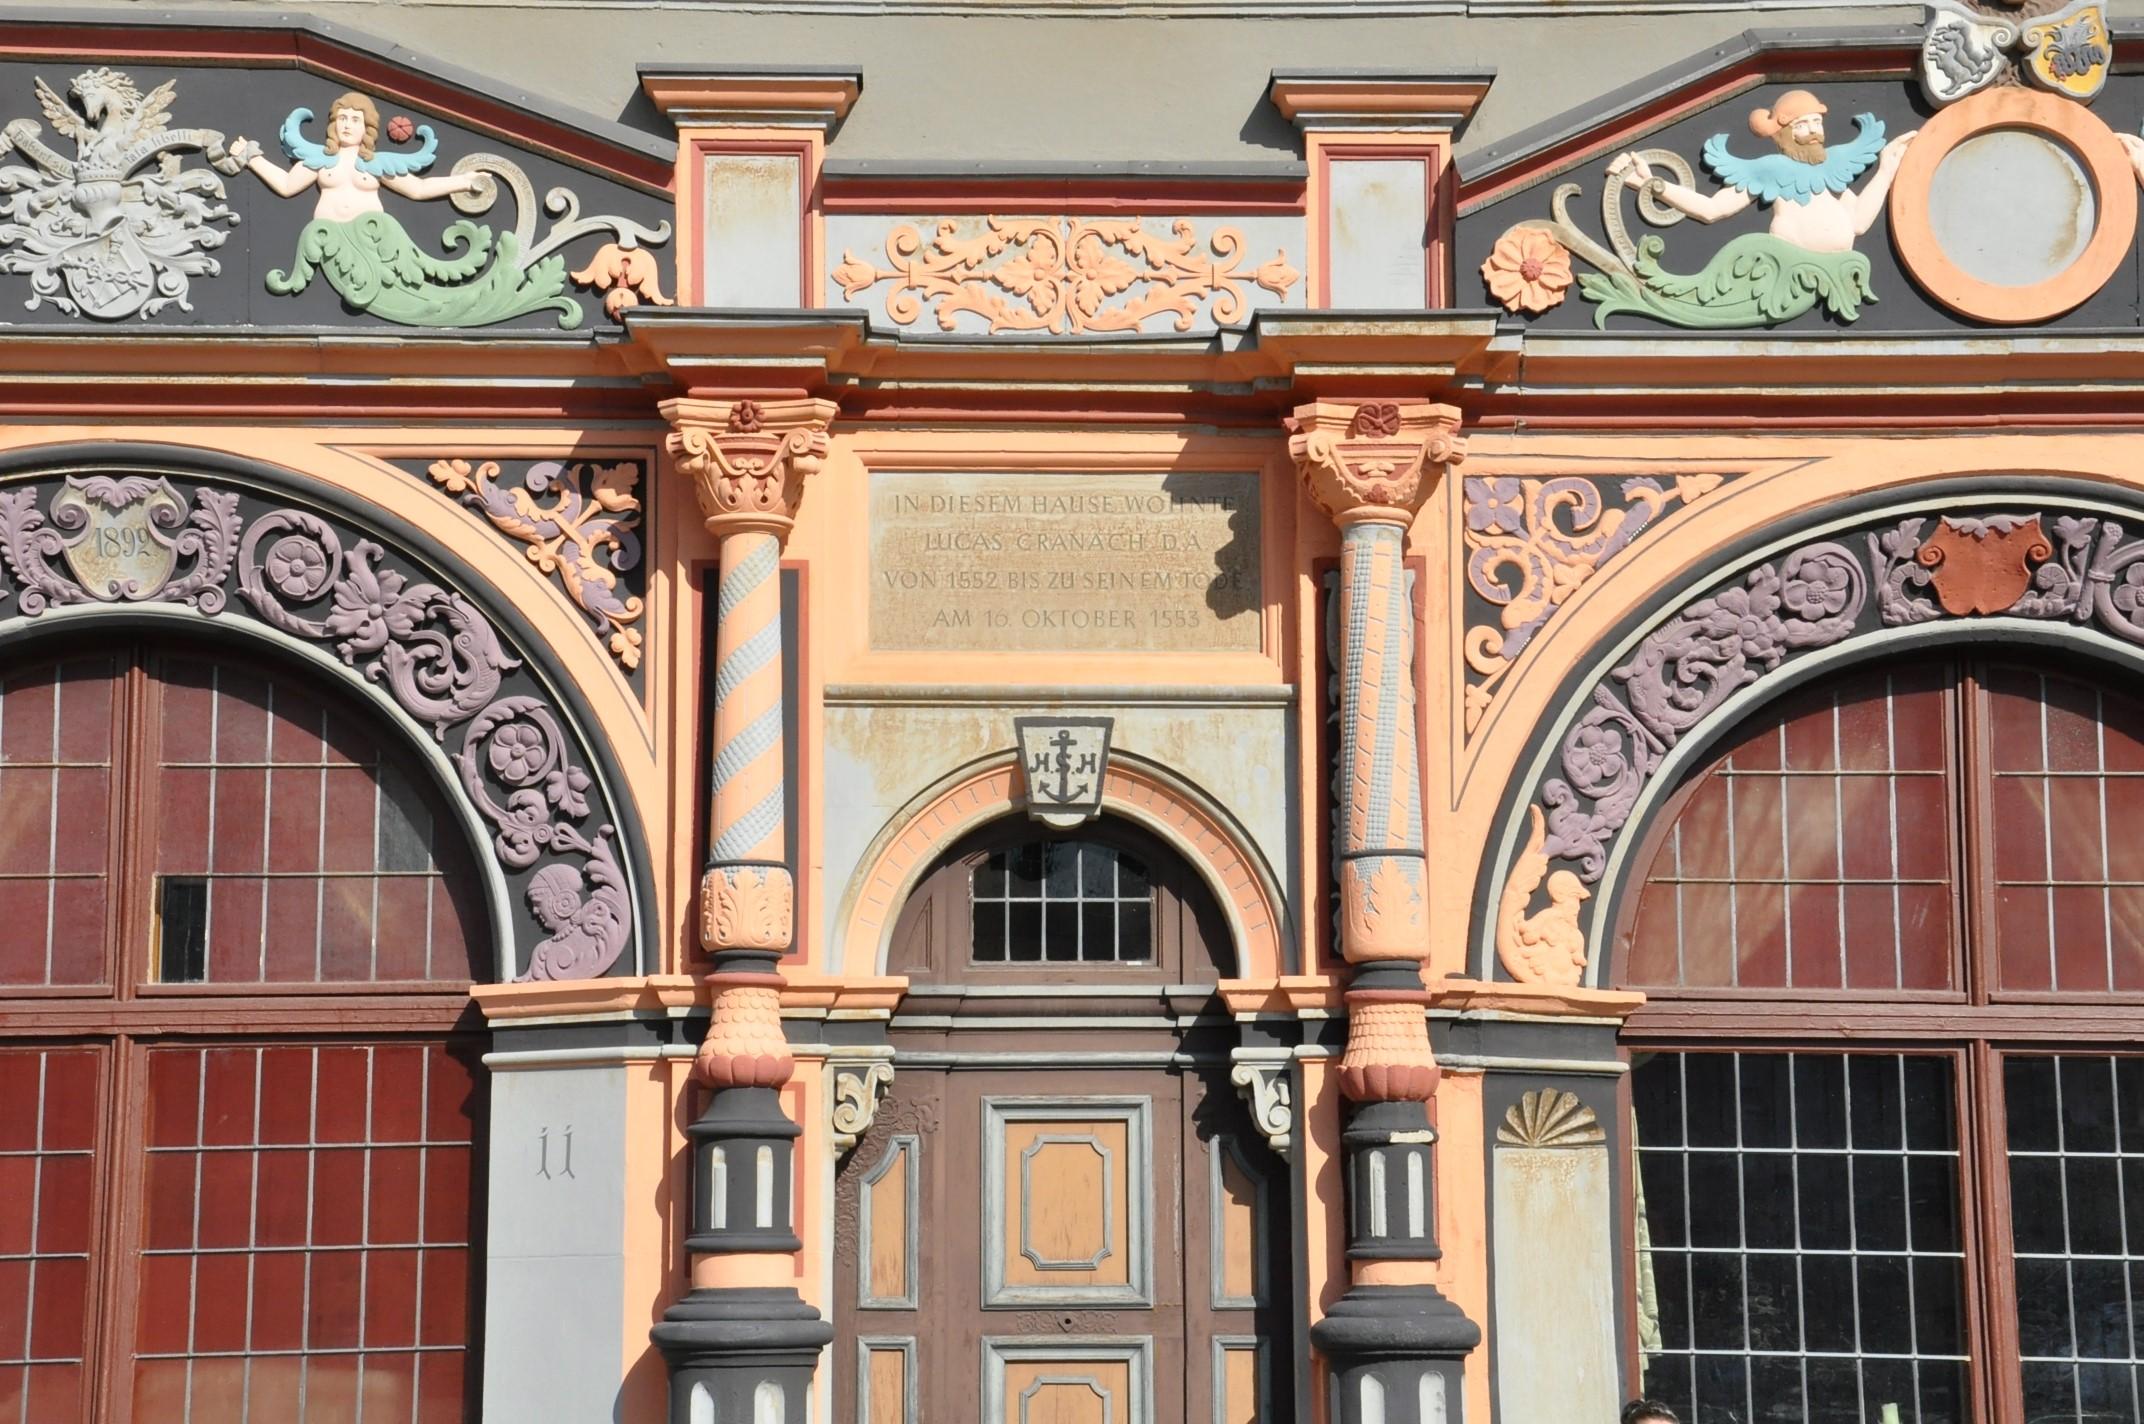 Cranach Haus Historischer Stadtrundgang durch Weimar - Duchess Anna Amalia Library - (25)